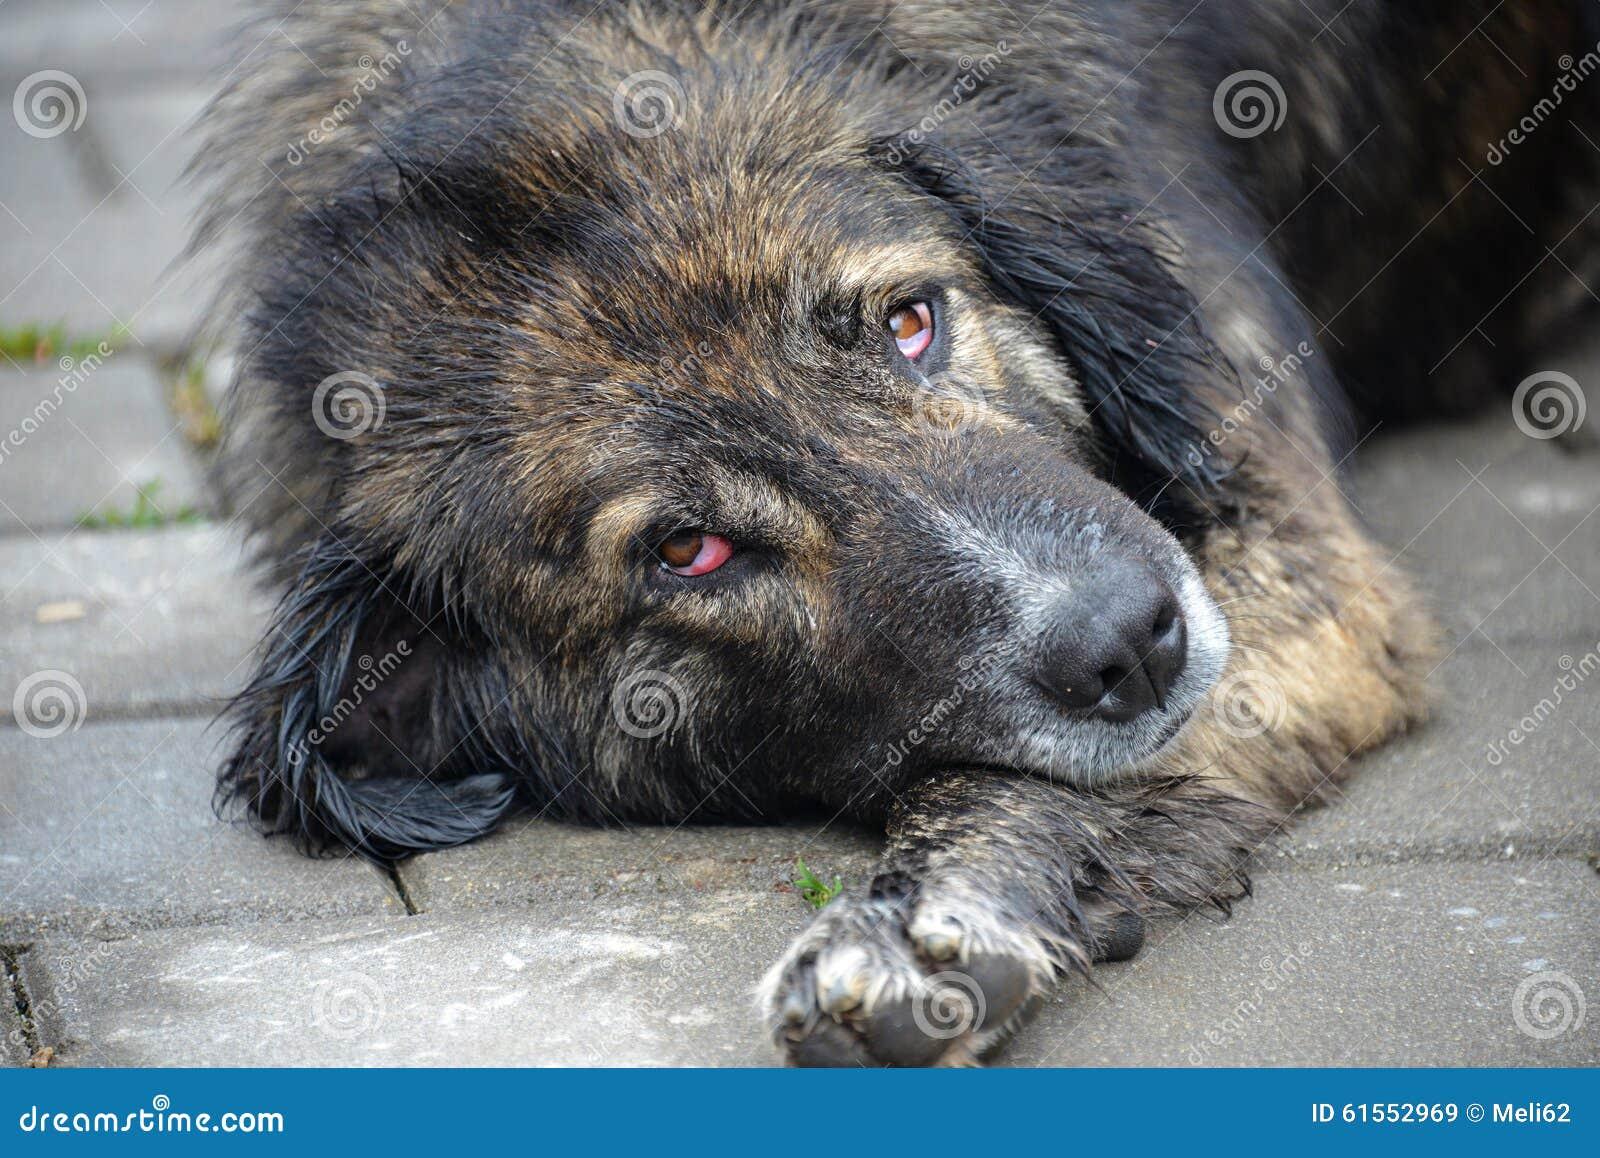 Stray Dog Stock Photo - Image: 61552969